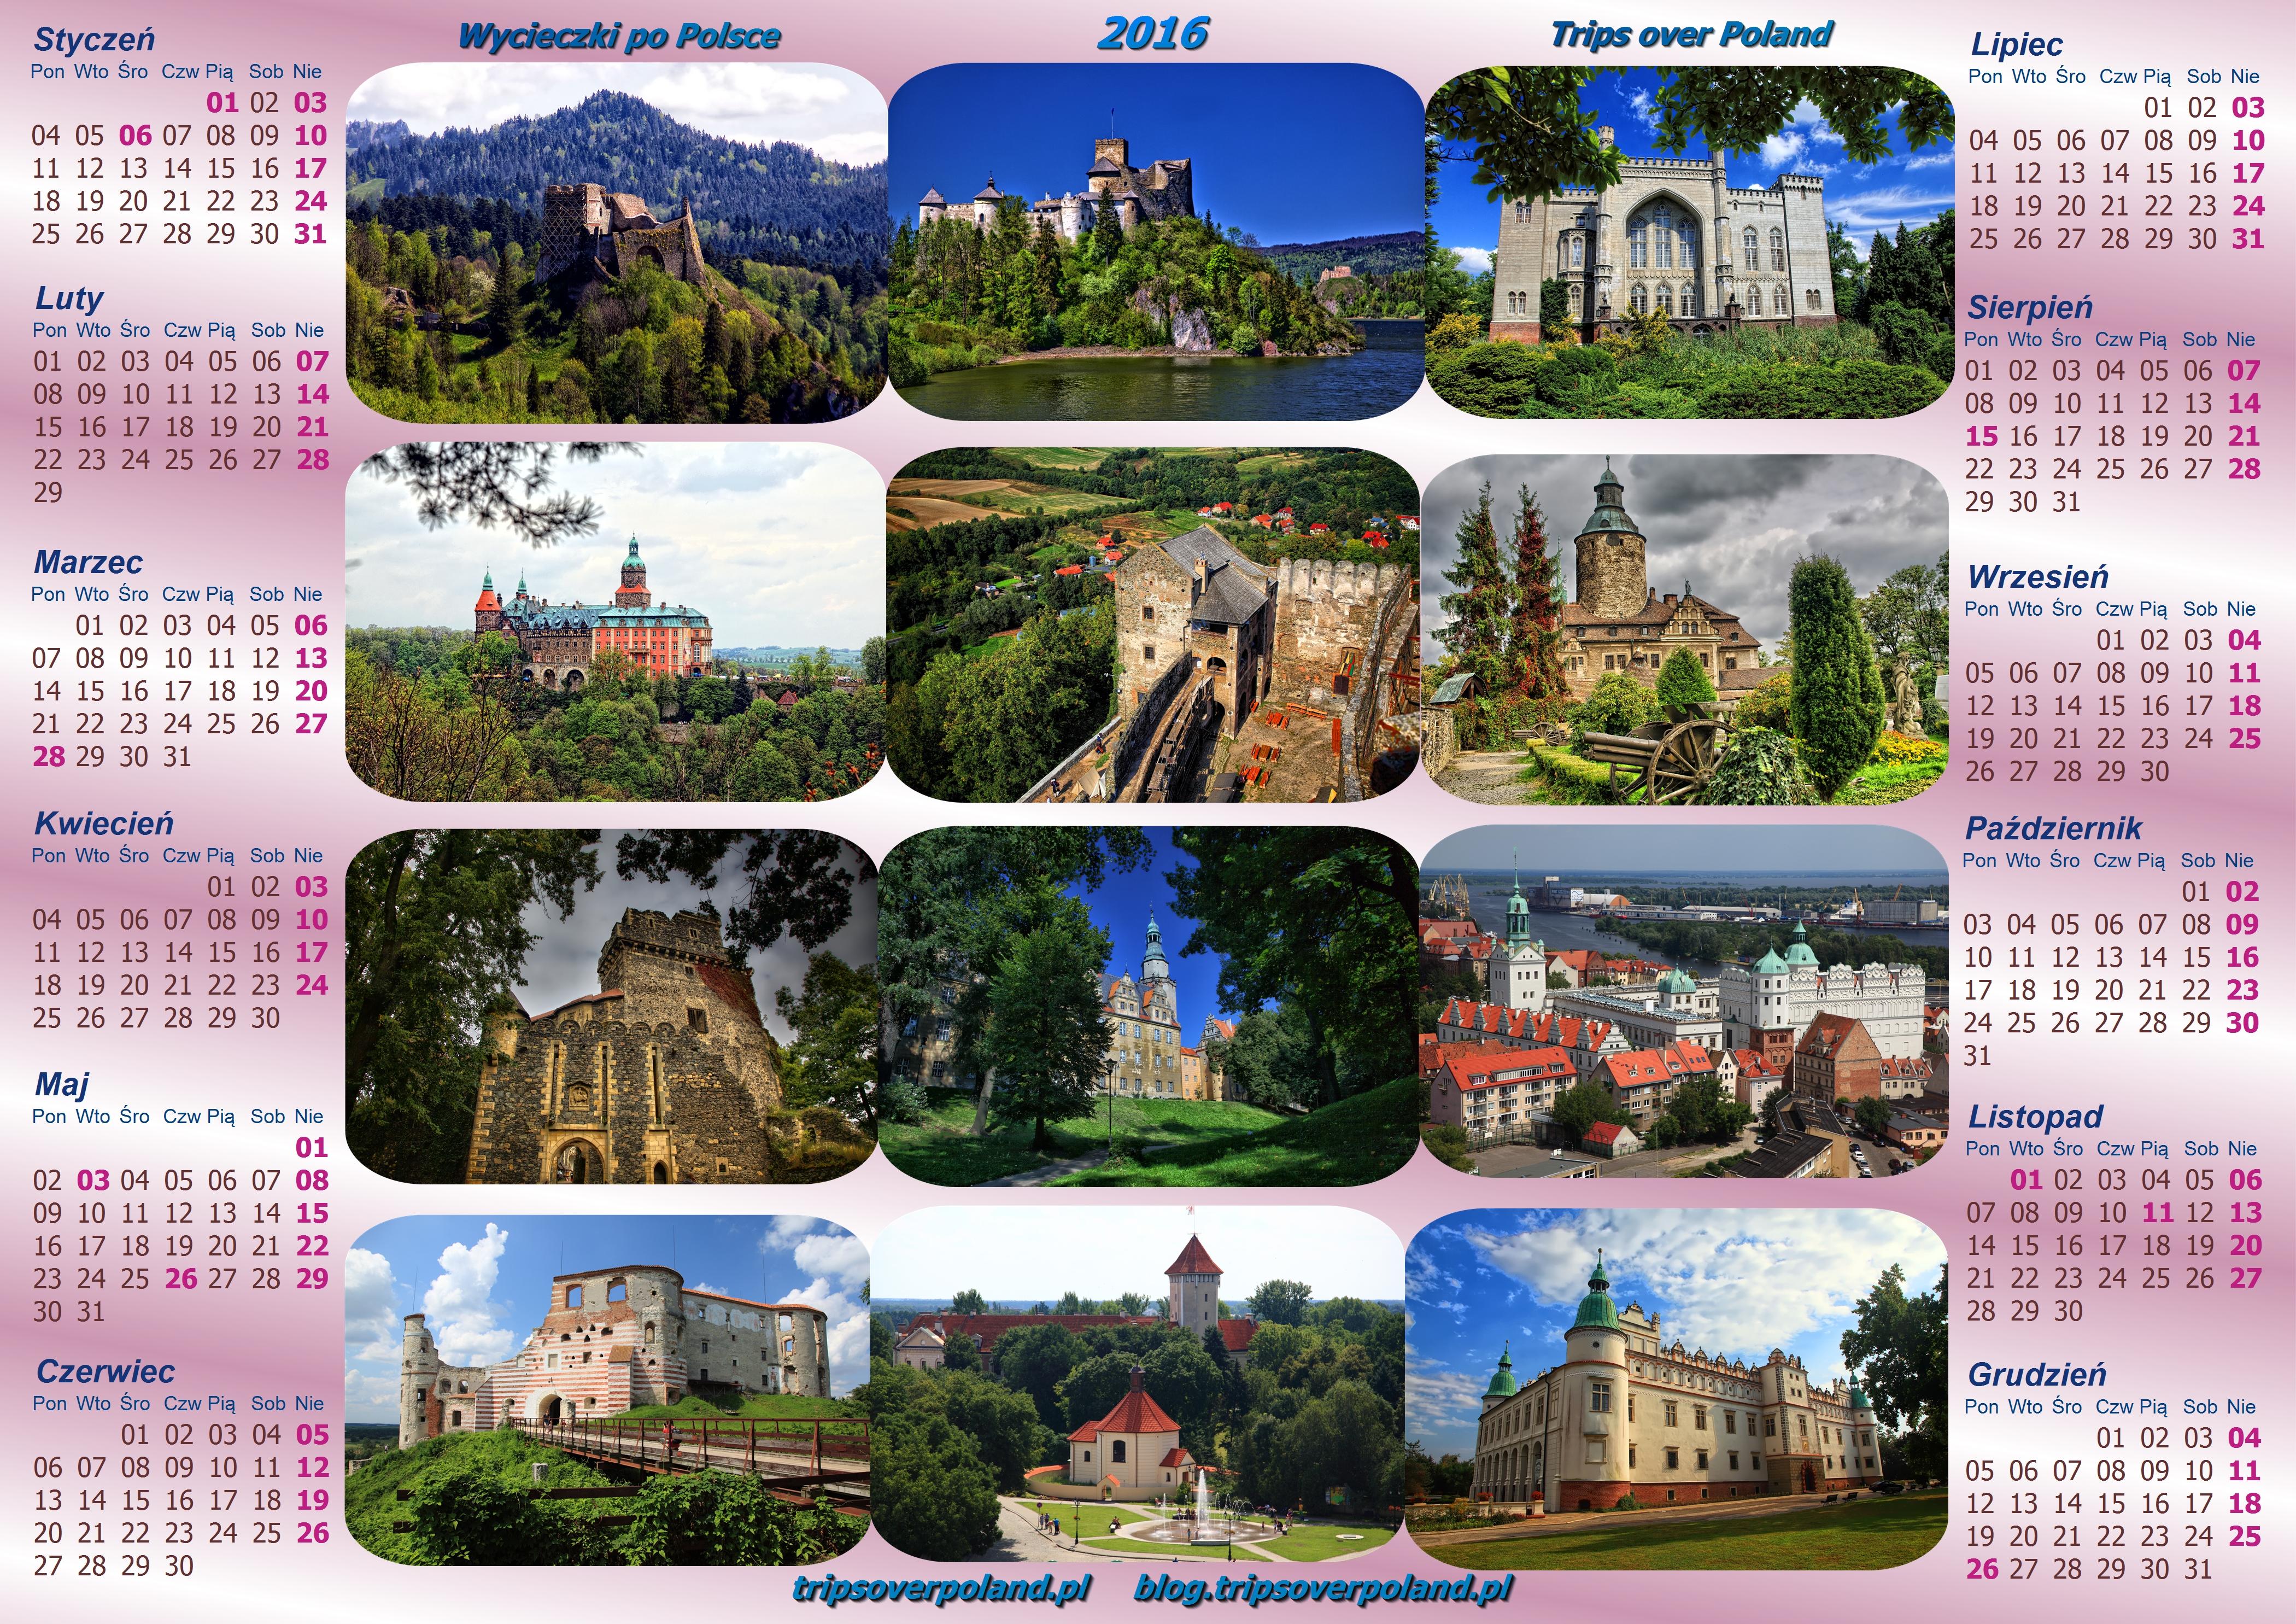 Kalendarz ze zdjęciami kilkunastu zamków w Polsce